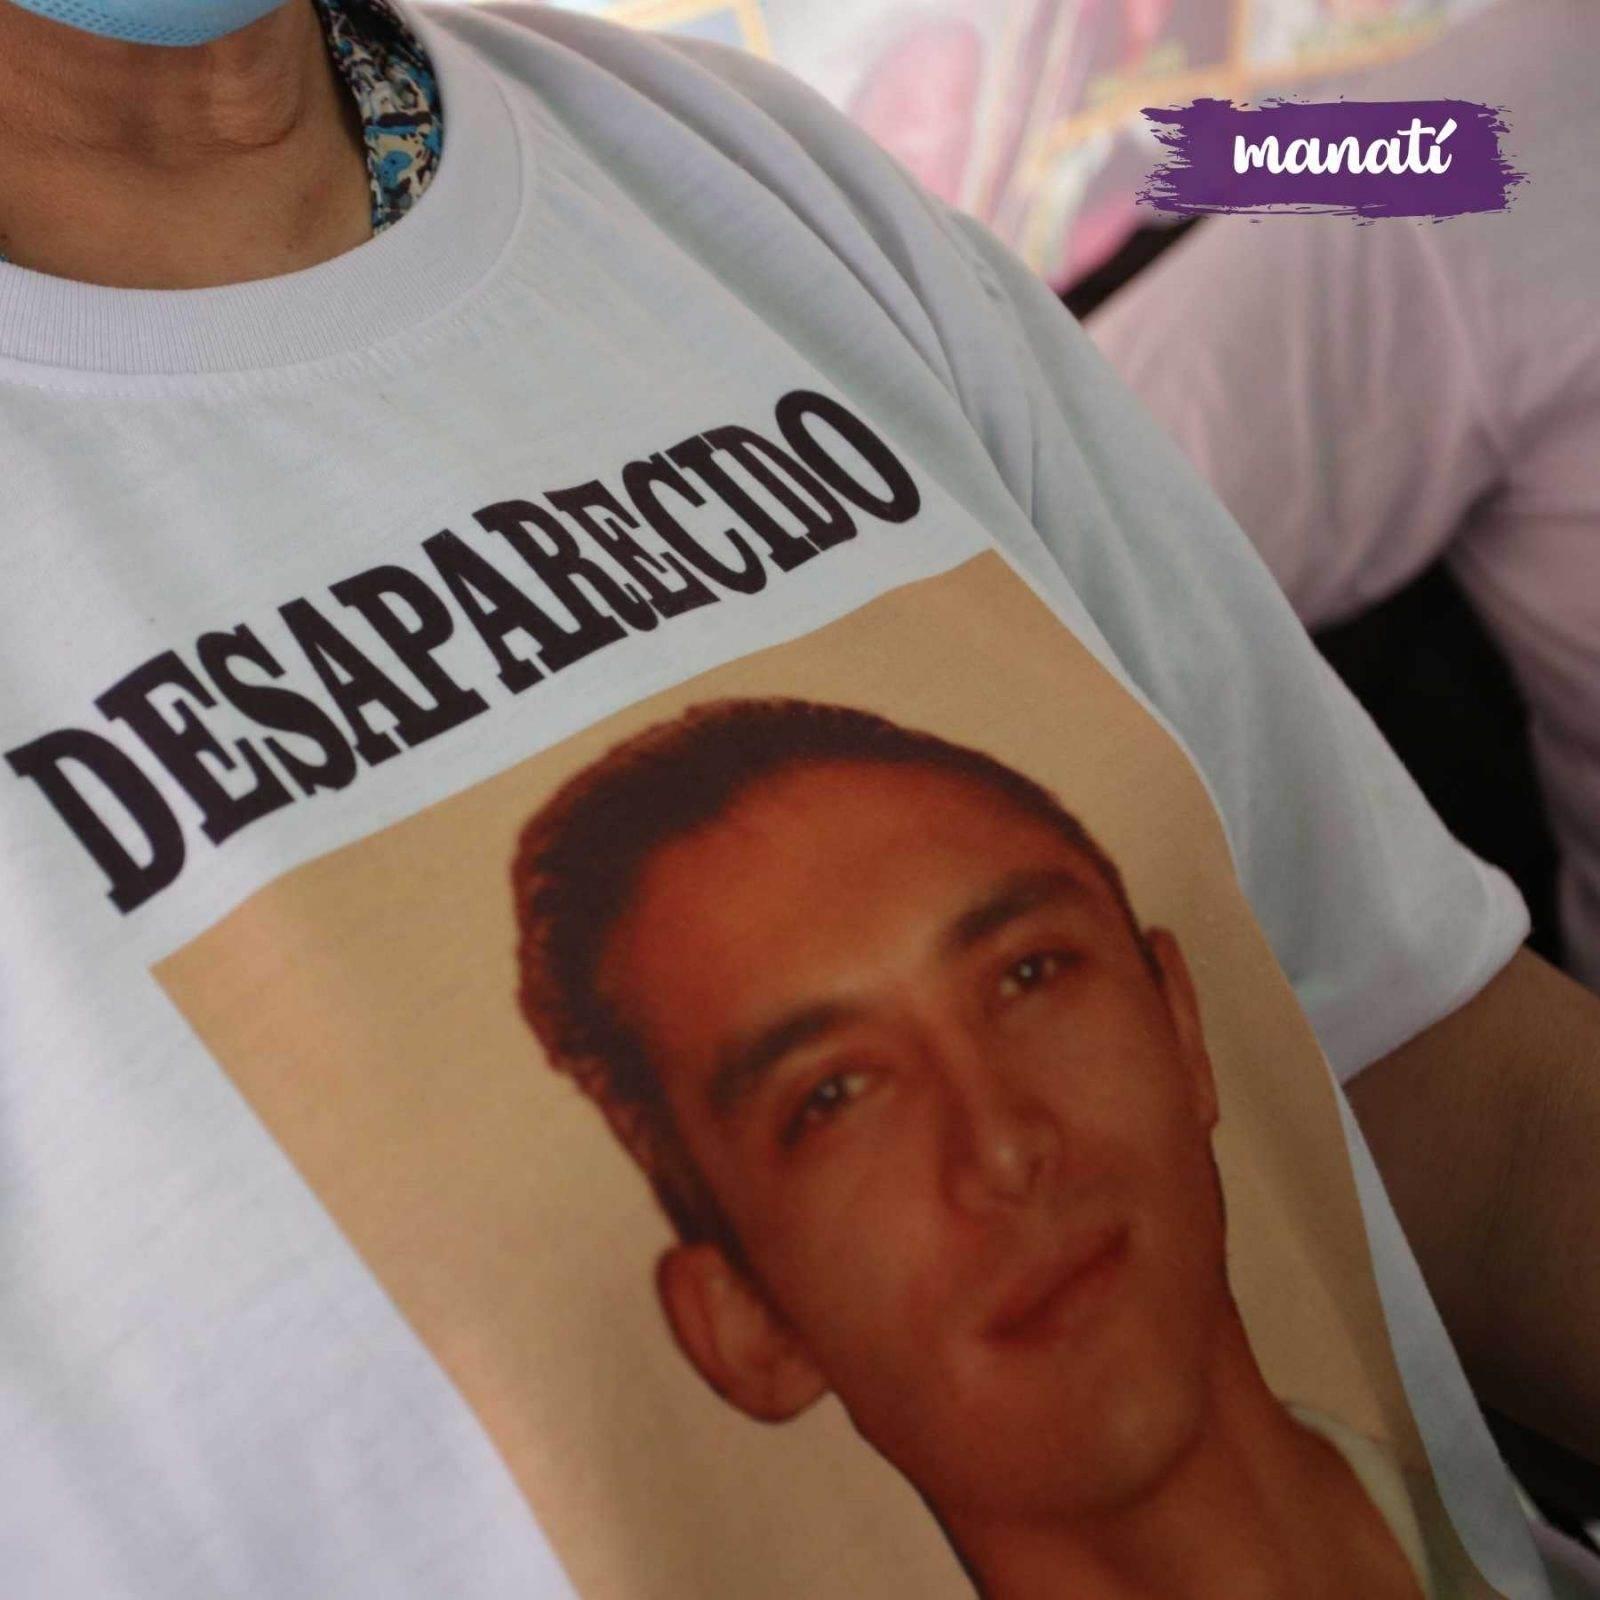 ley personas desaparecidas desaparición